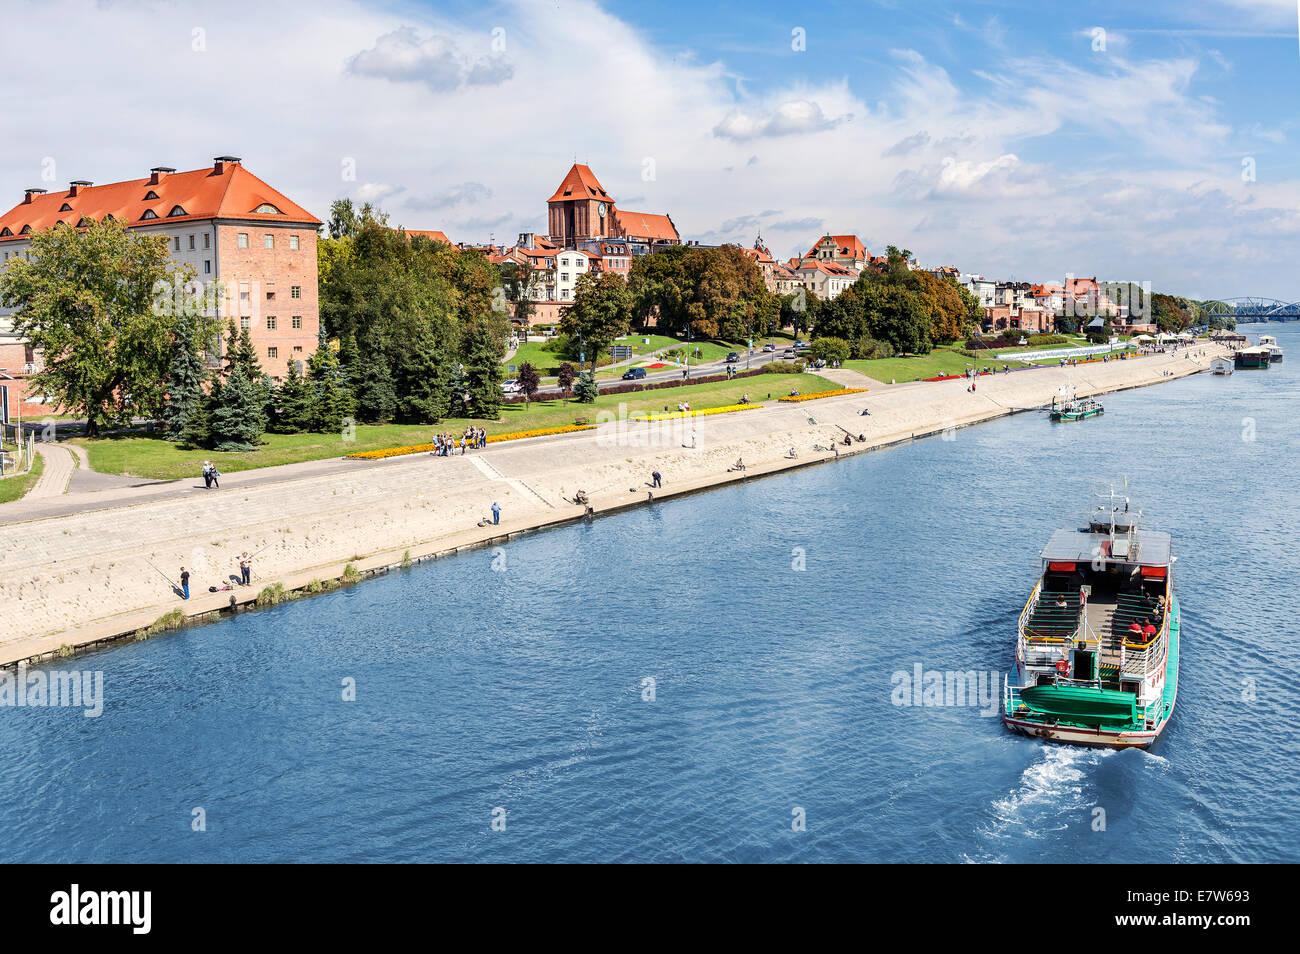 Torun ville situé sur la Vistule, Banque mondiale, la Pologne. Photo Stock